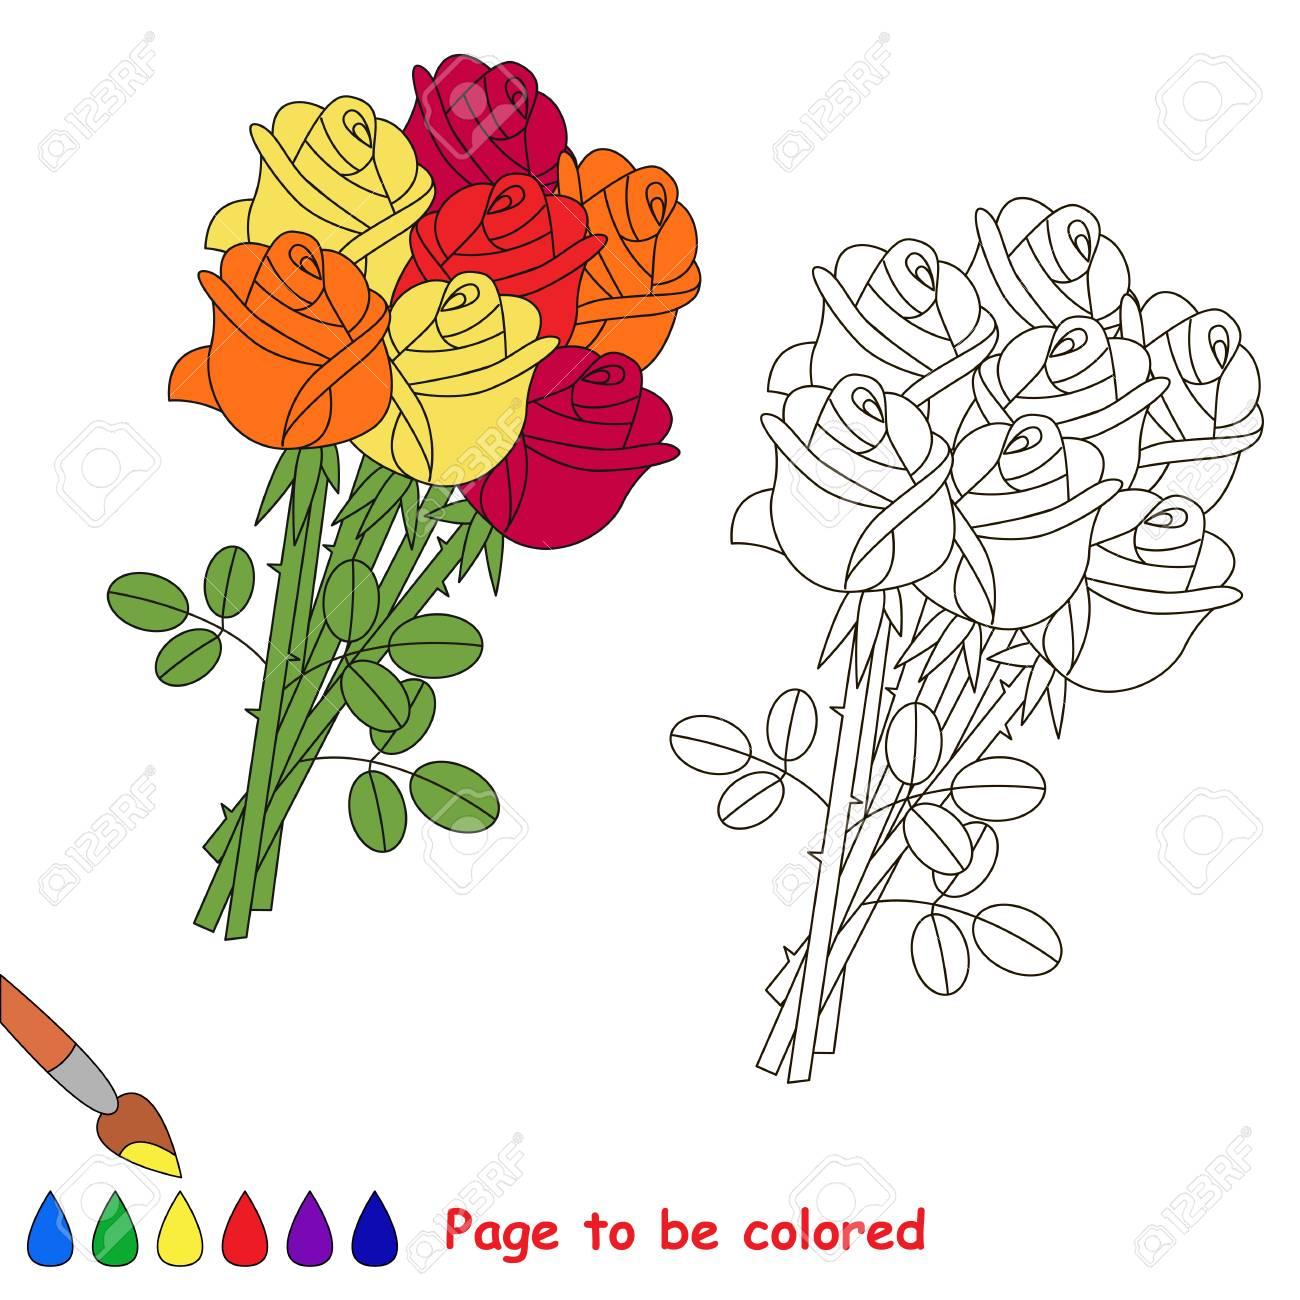 Rose Bouquet à Colorier Le Livre De Coloriage Pour Les Enfants D âge Préscolaire Avec Un Niveau De Jeu éducatif Facile